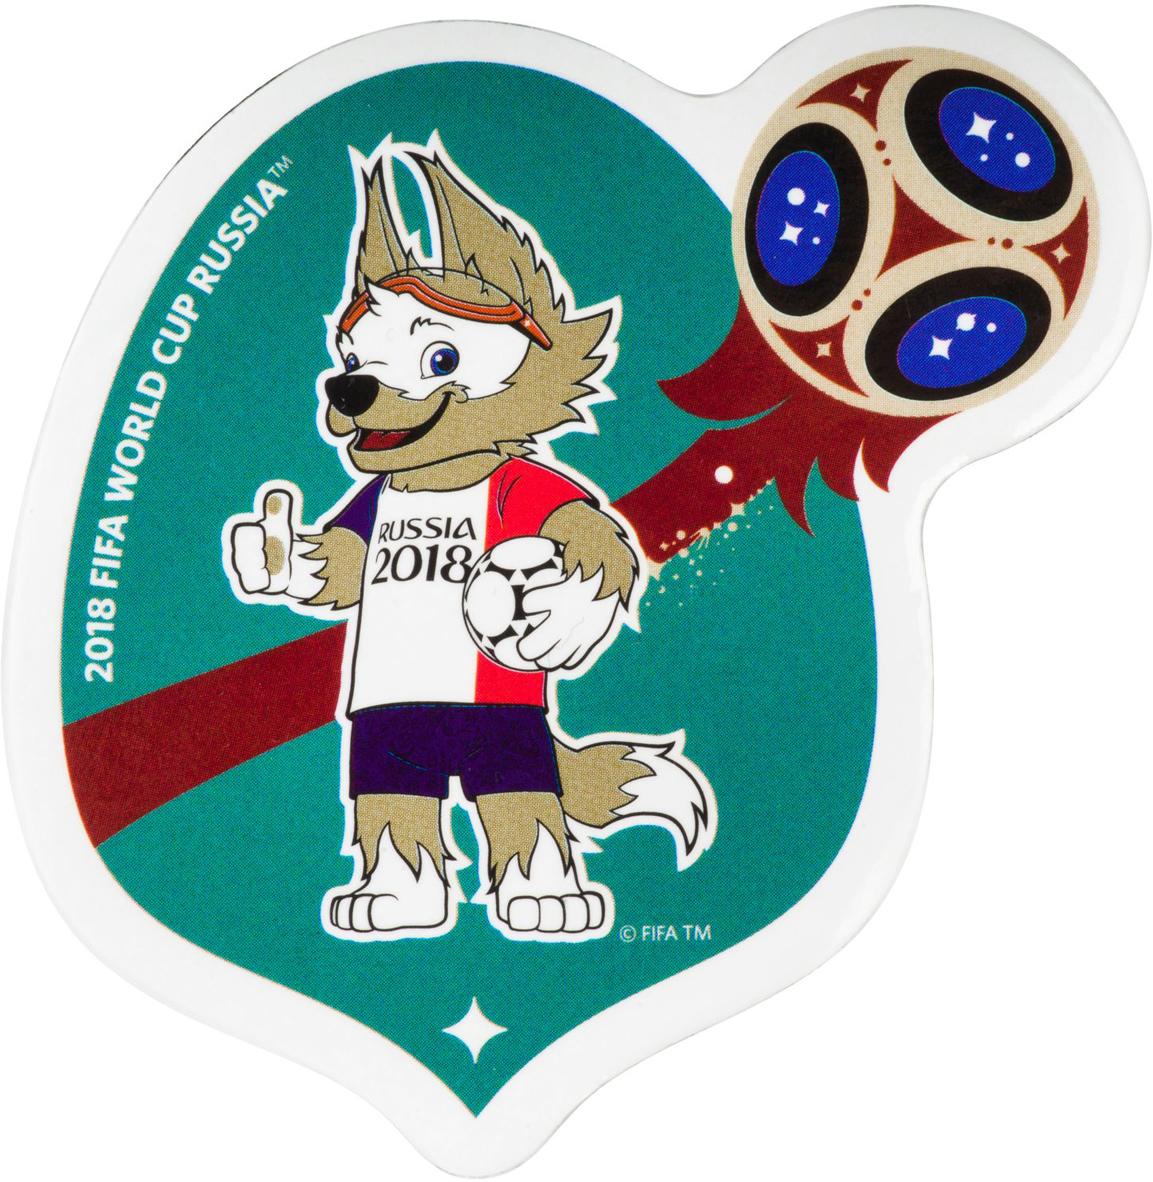 """Магнит сувенирный FIFA 2018 """"Забивака Фристайл! Триколор"""", 8 х 11 см. СН530"""